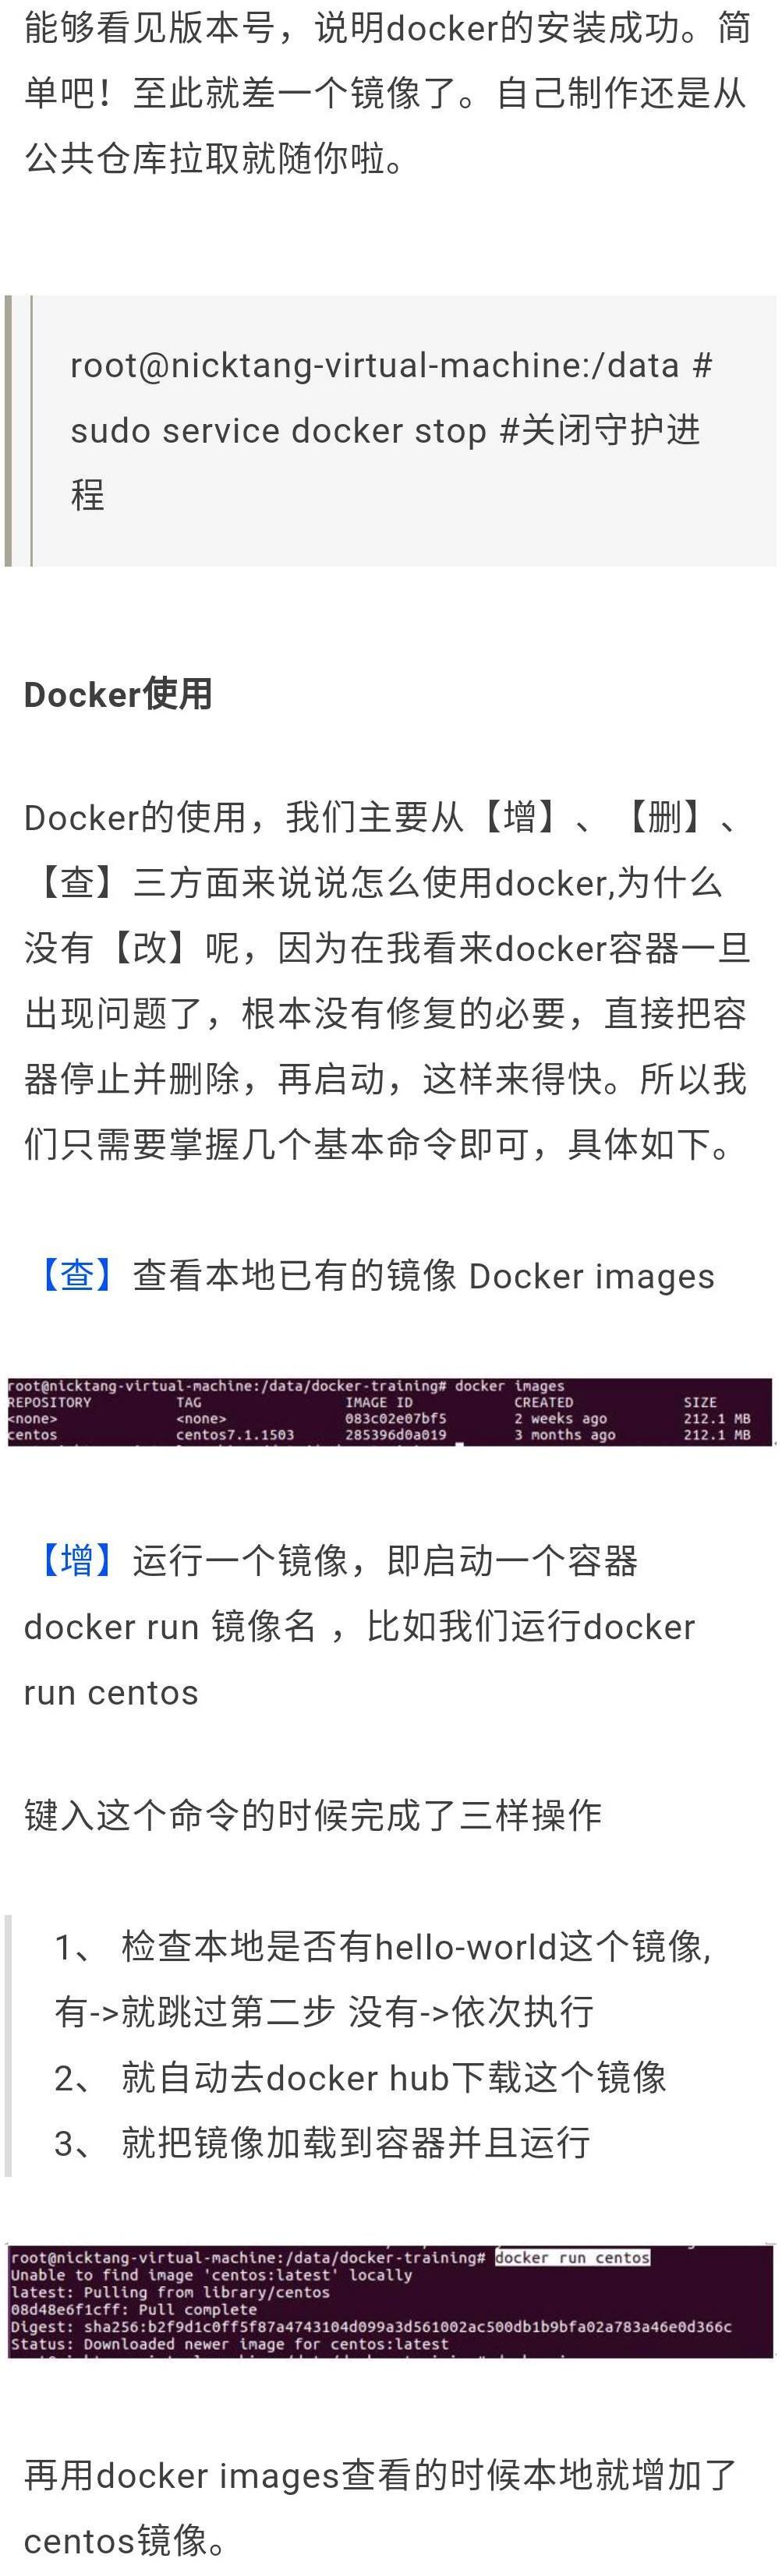 5 分钟带你看懂 Docker